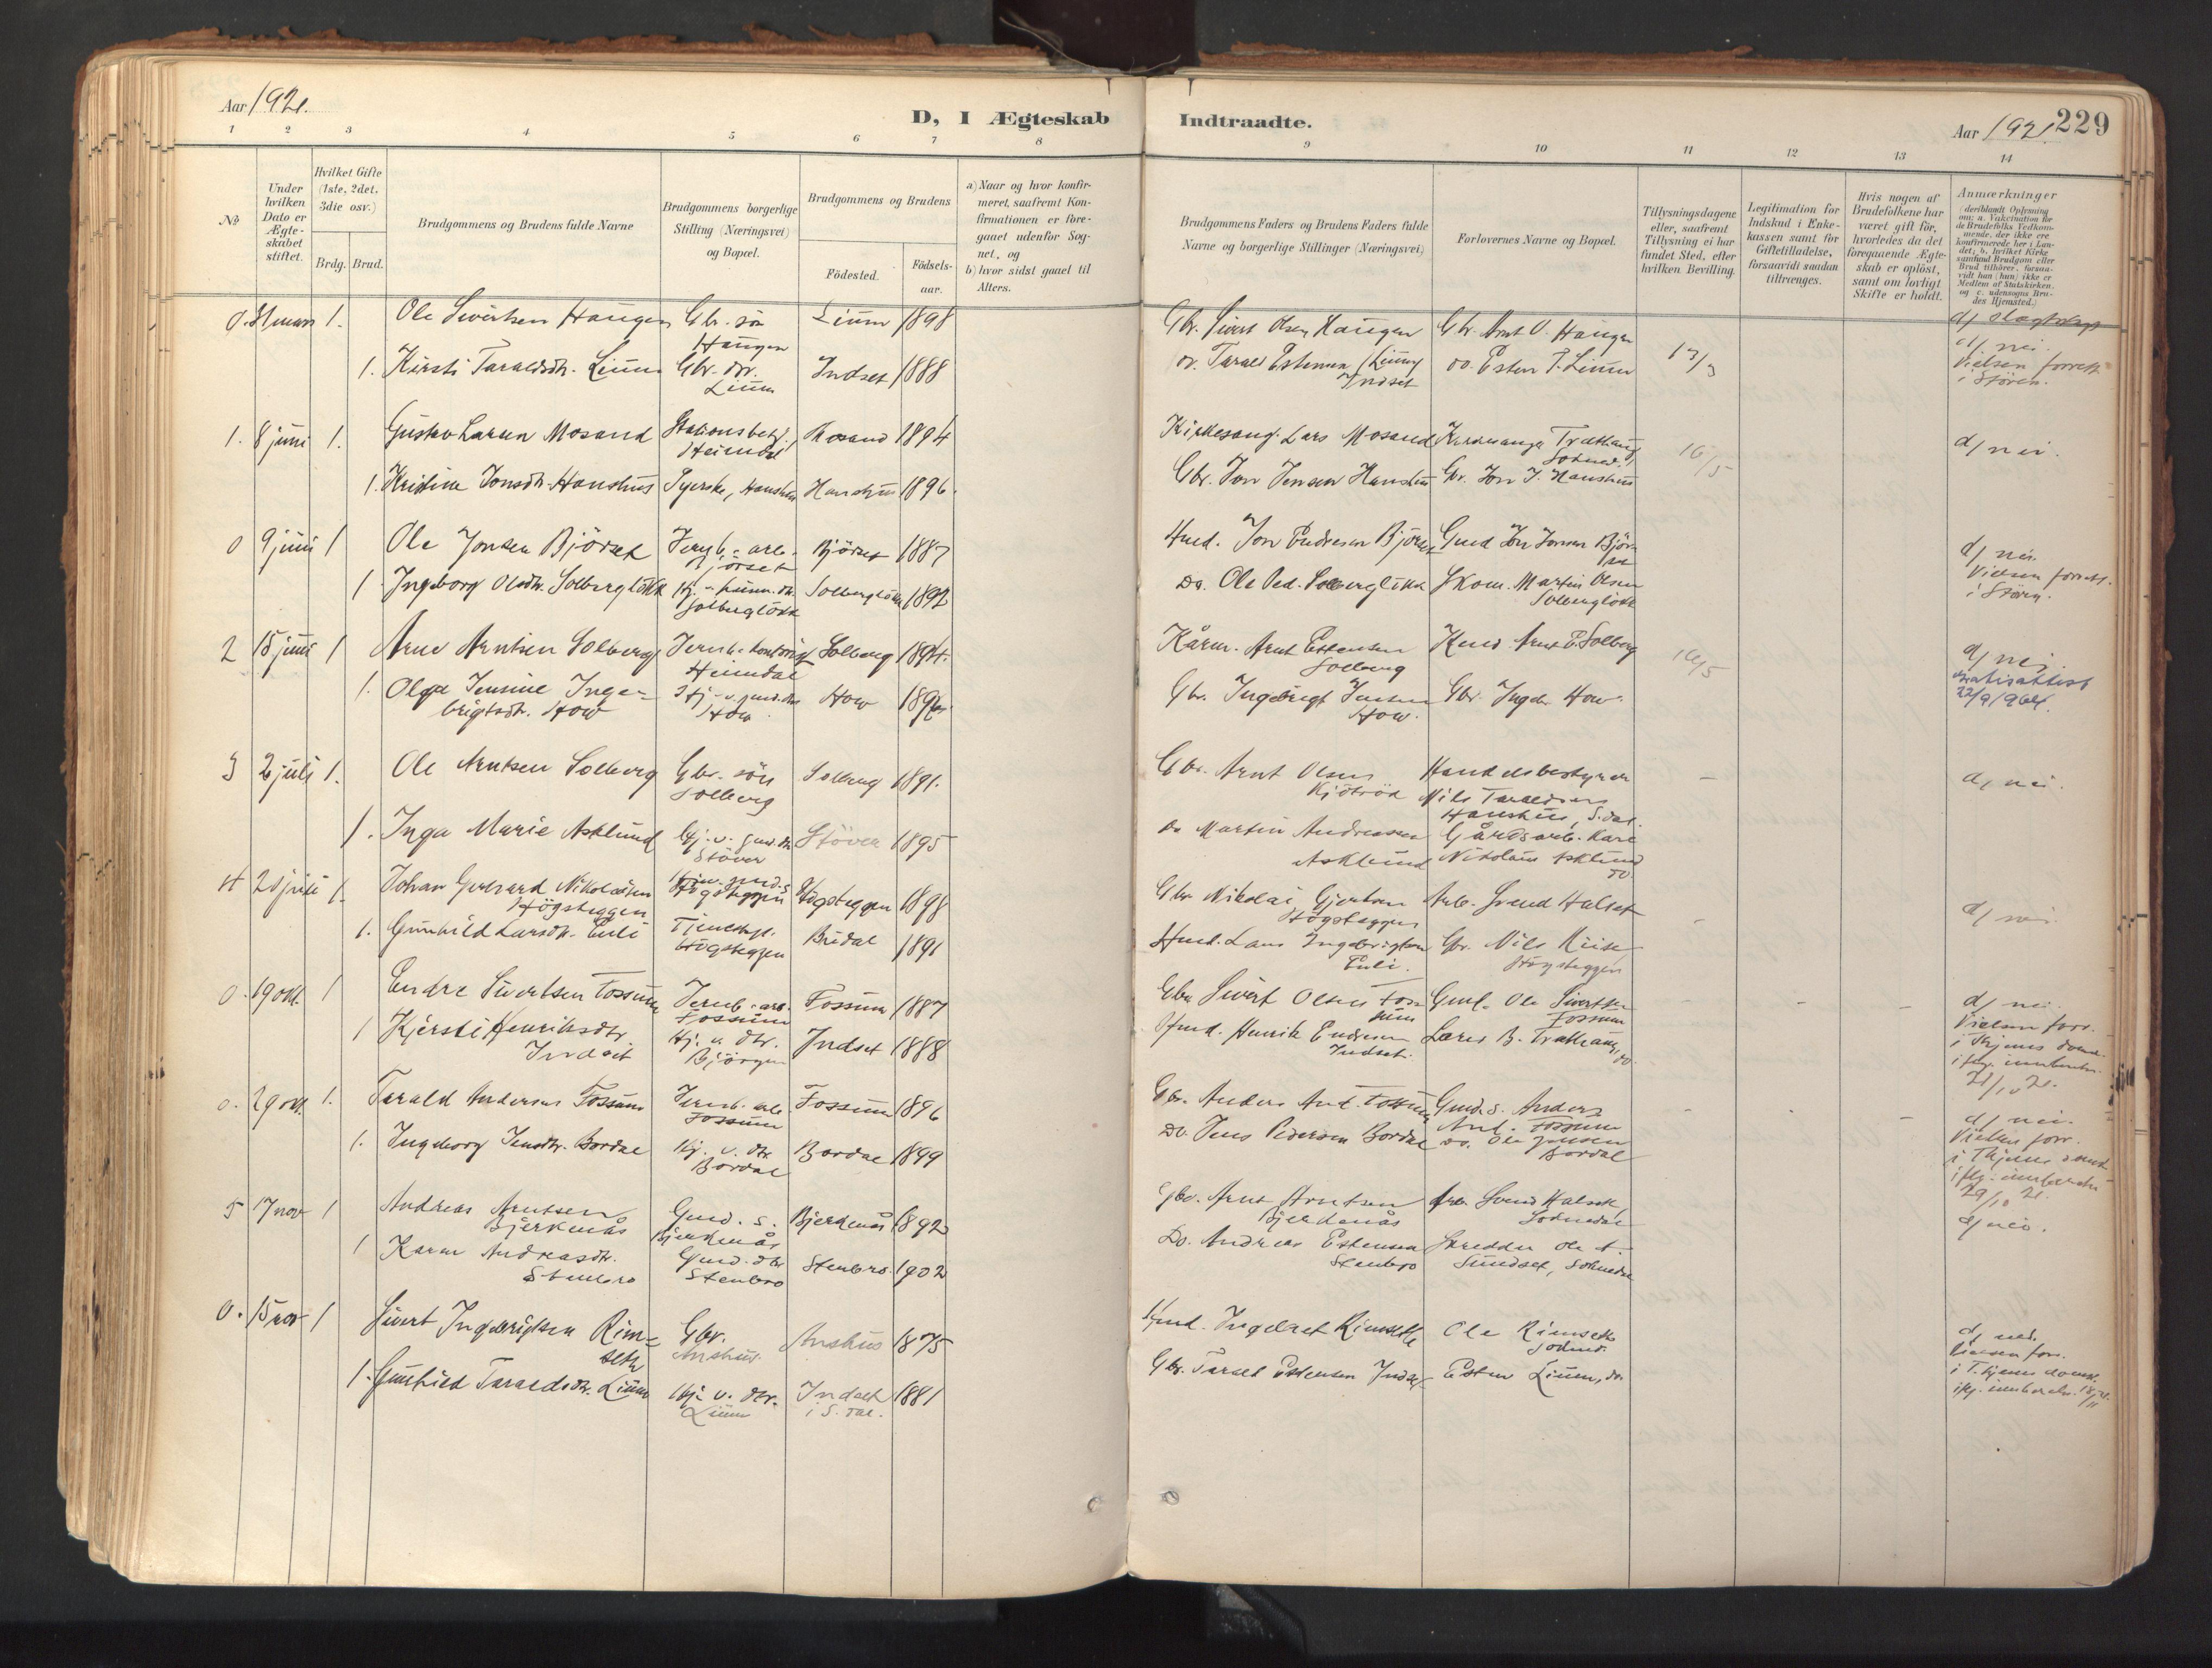 SAT, Ministerialprotokoller, klokkerbøker og fødselsregistre - Sør-Trøndelag, 689/L1041: Ministerialbok nr. 689A06, 1891-1923, s. 229